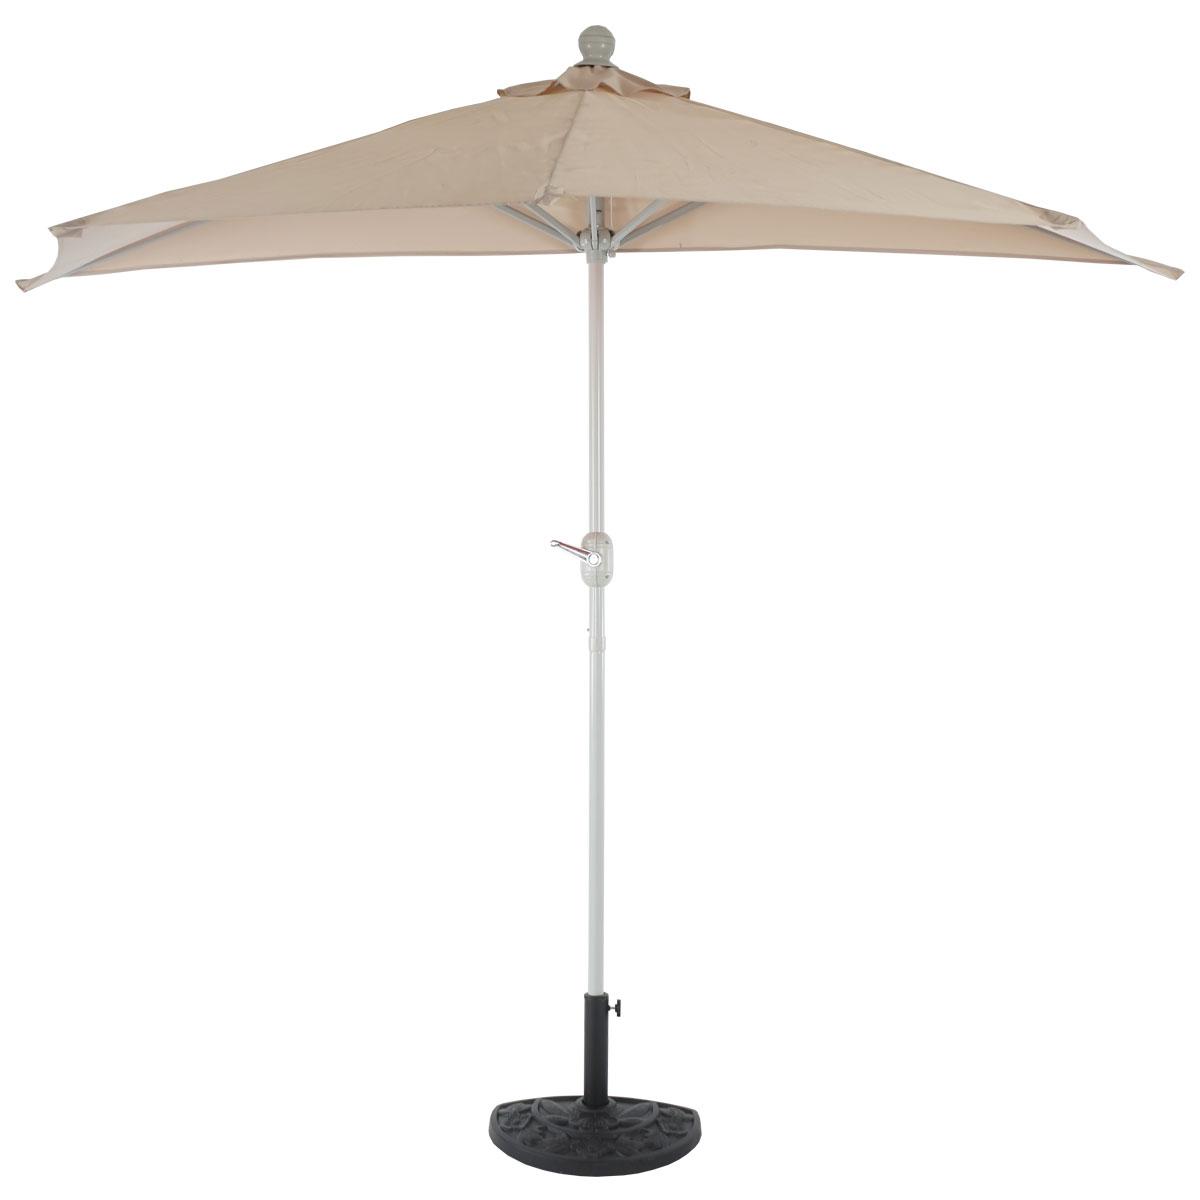 sonnenschirm halbrund parla halbschirm balkonschirm uv 50 polyester alu 3kg 270cm creme mit. Black Bedroom Furniture Sets. Home Design Ideas